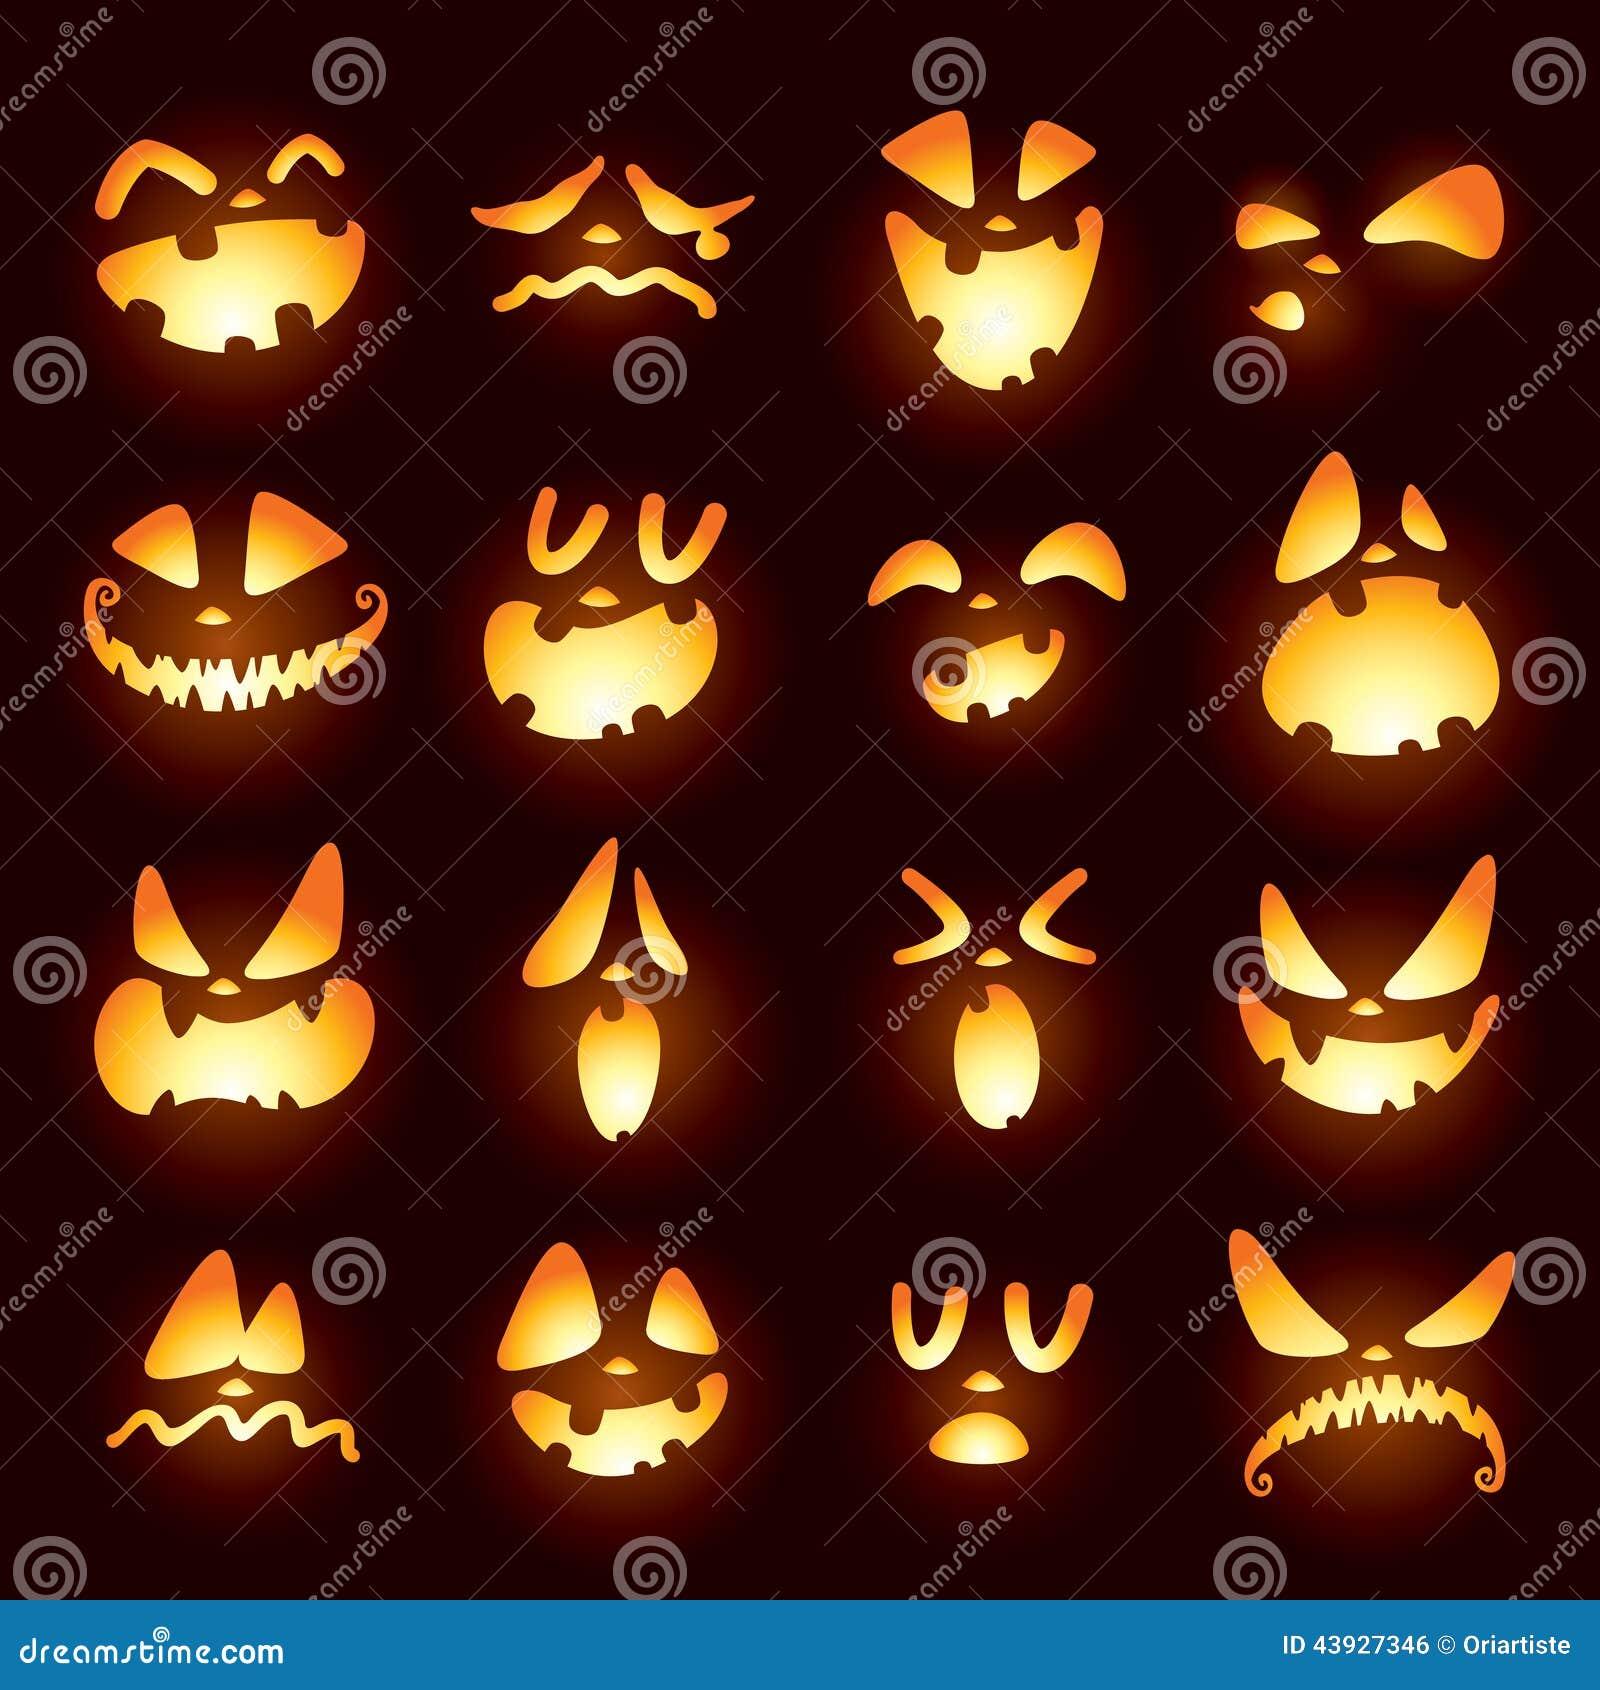 Jack O Lantern Faces Stock Vector - Image: 43927346